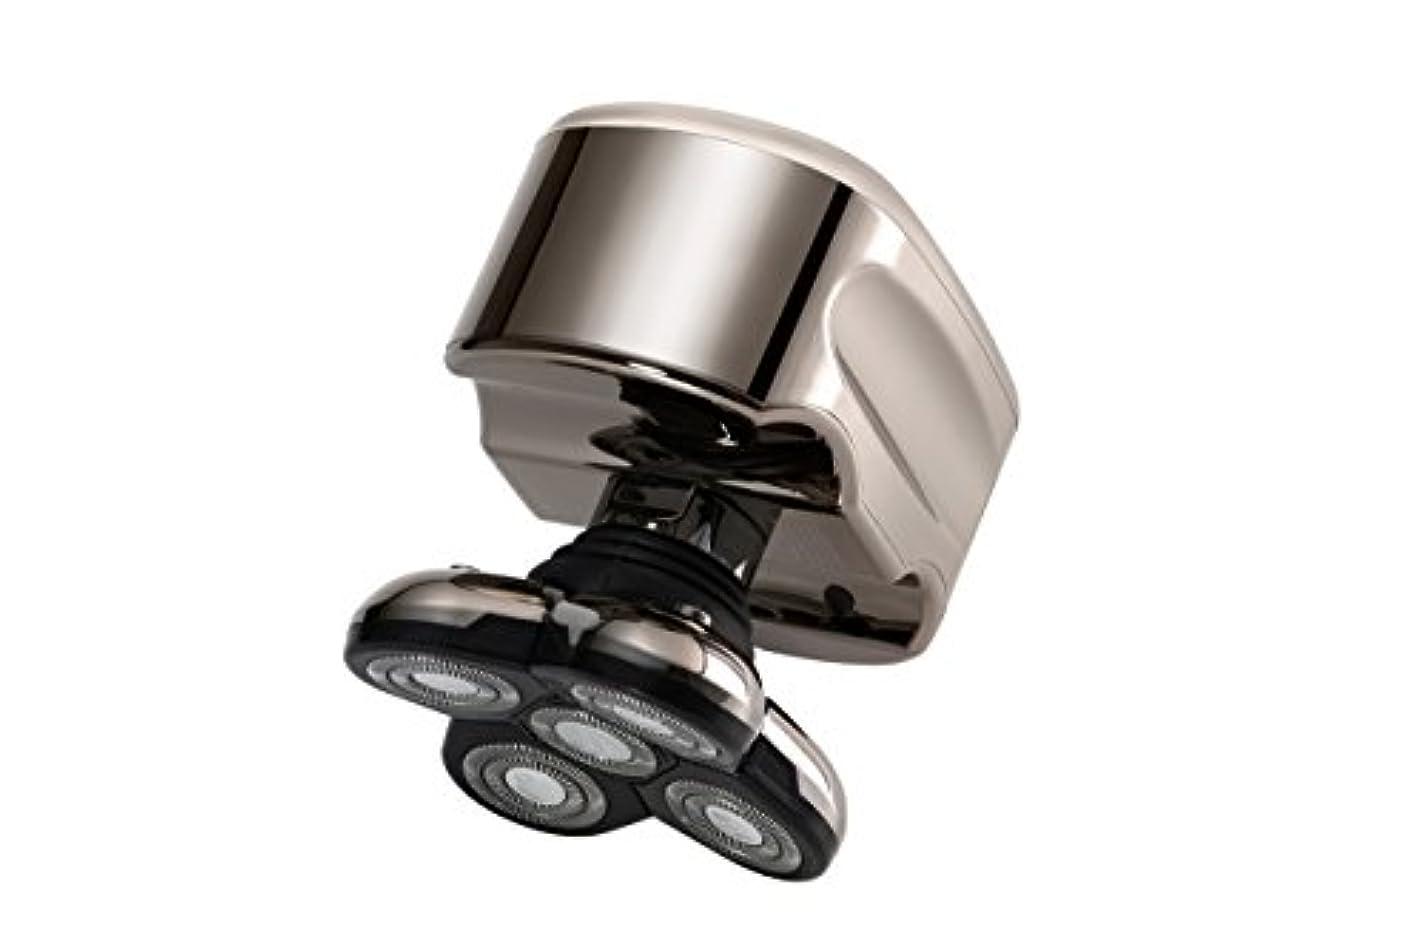 差し引くピニオンレンズSkull Shaver (スカルシェーバー) メンズシェーバー 5つの回転刃の 電動シェーバー (白金)